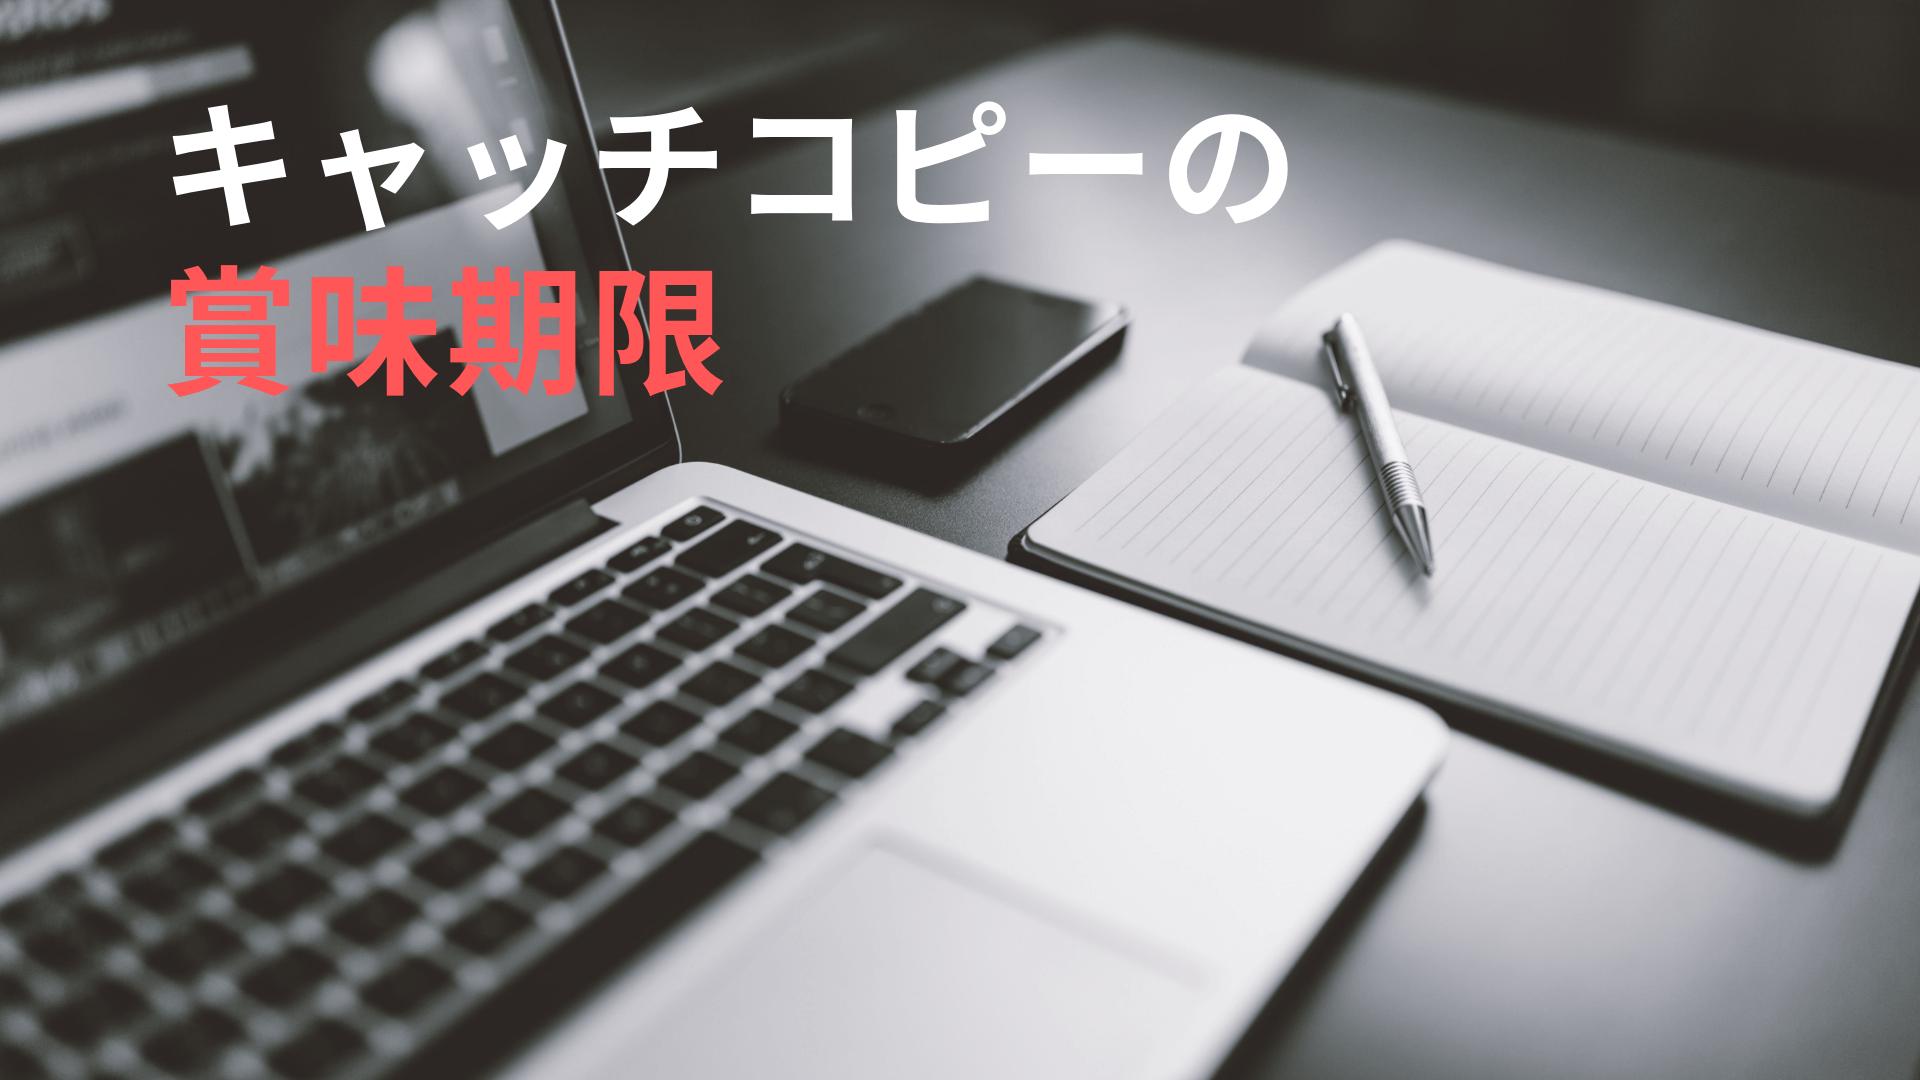 キャッチコピーの賞味期限